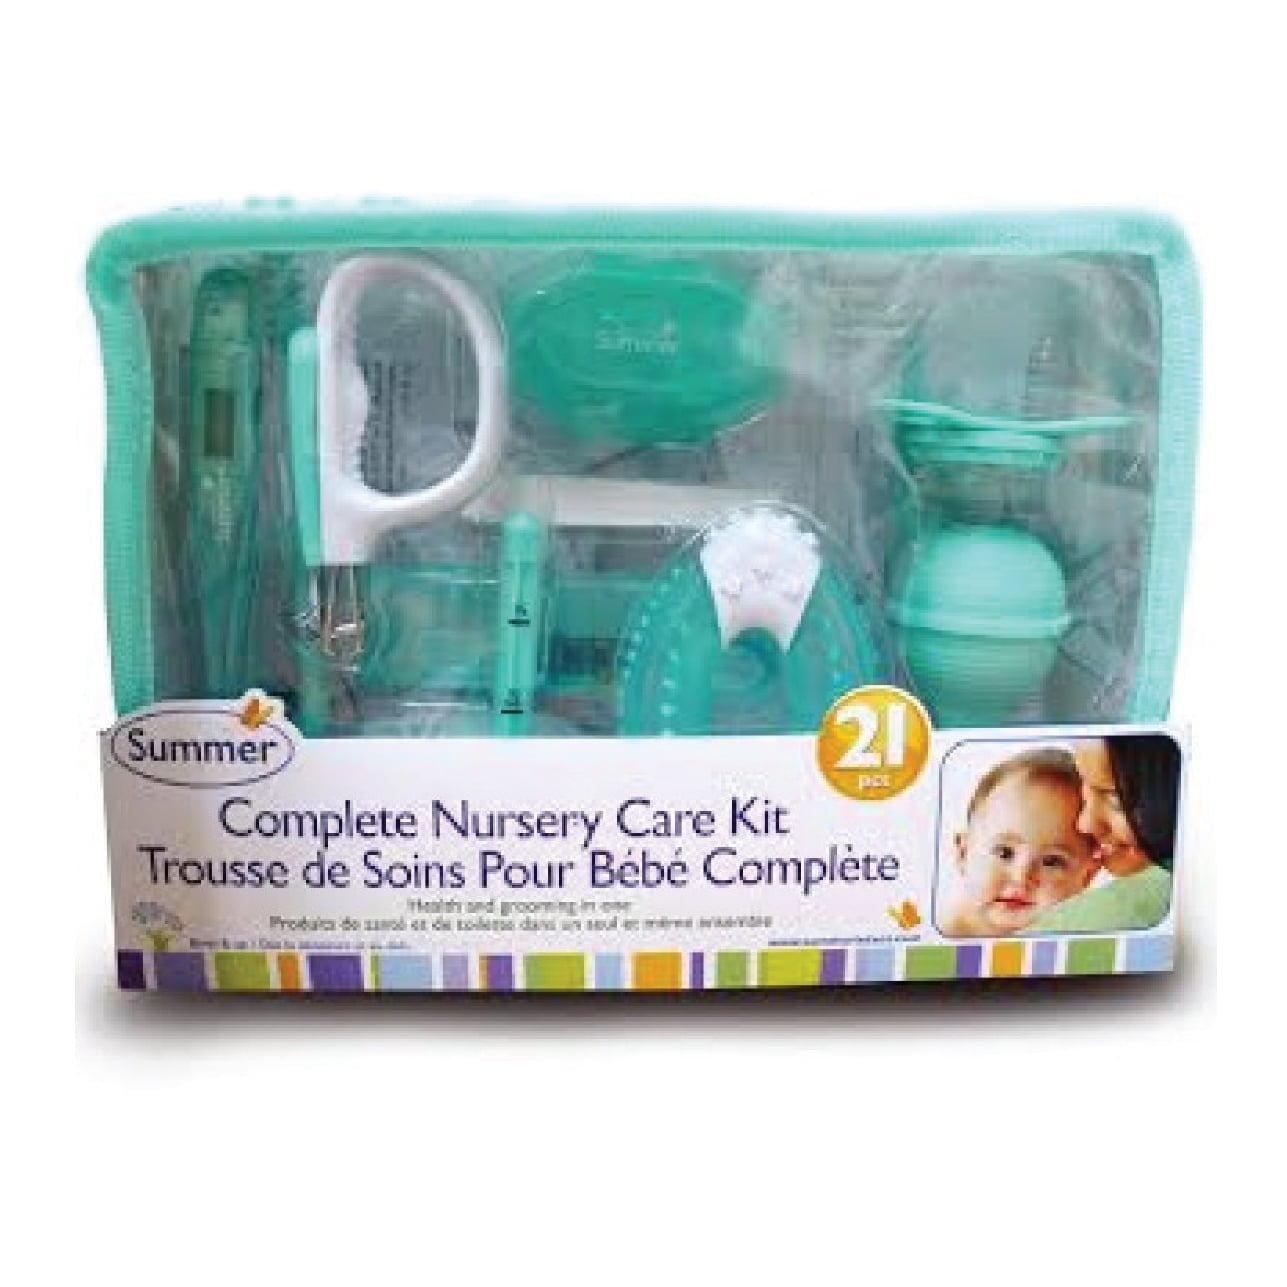 Summer Complete Nursery Care Kit